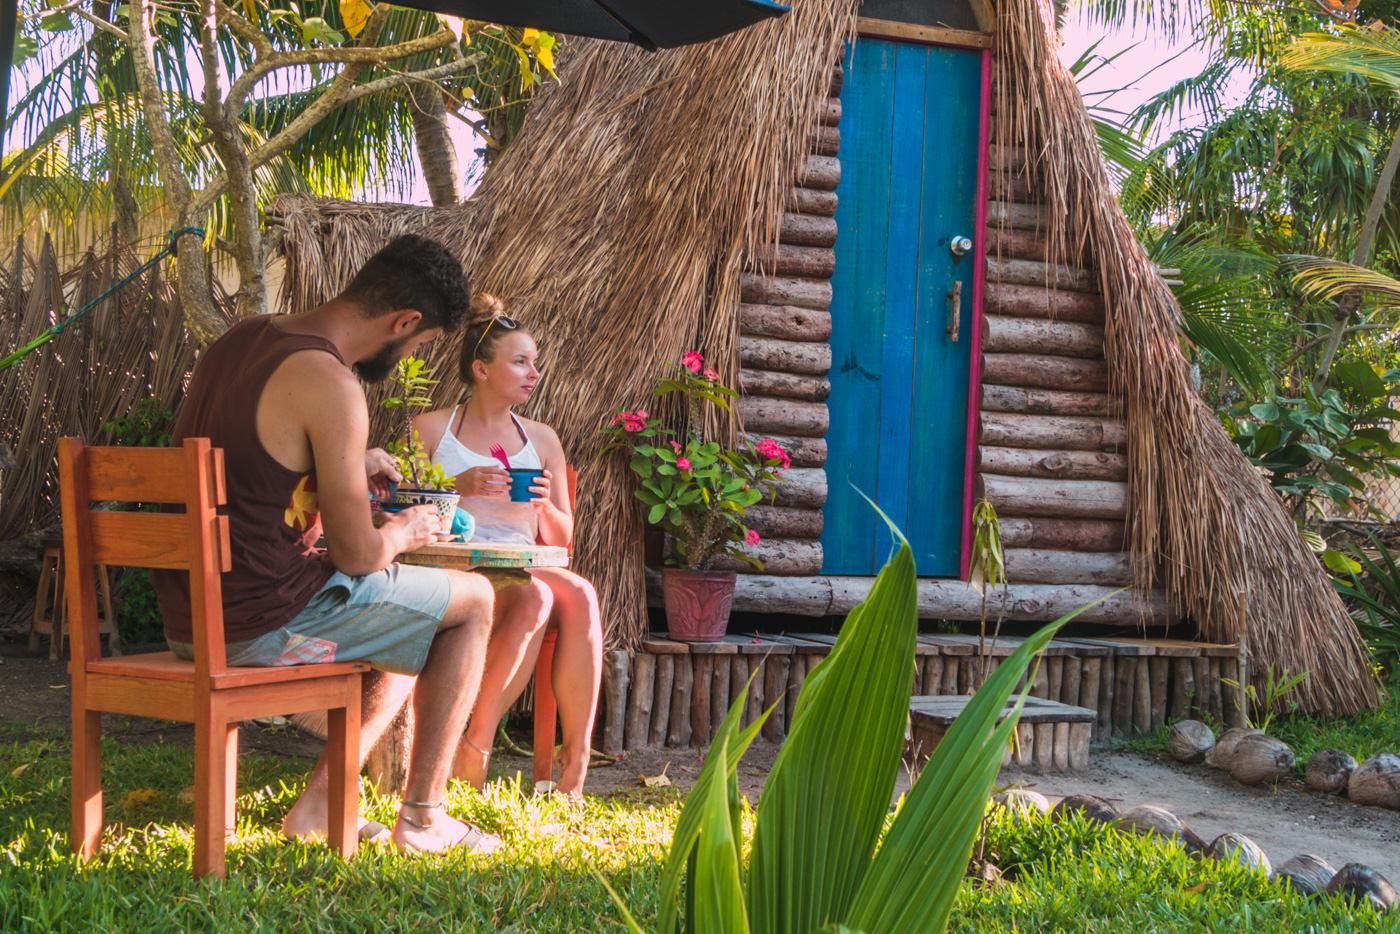 Wir vor unserer AirBnB Hütte auf Isla Holbox in Mexiko